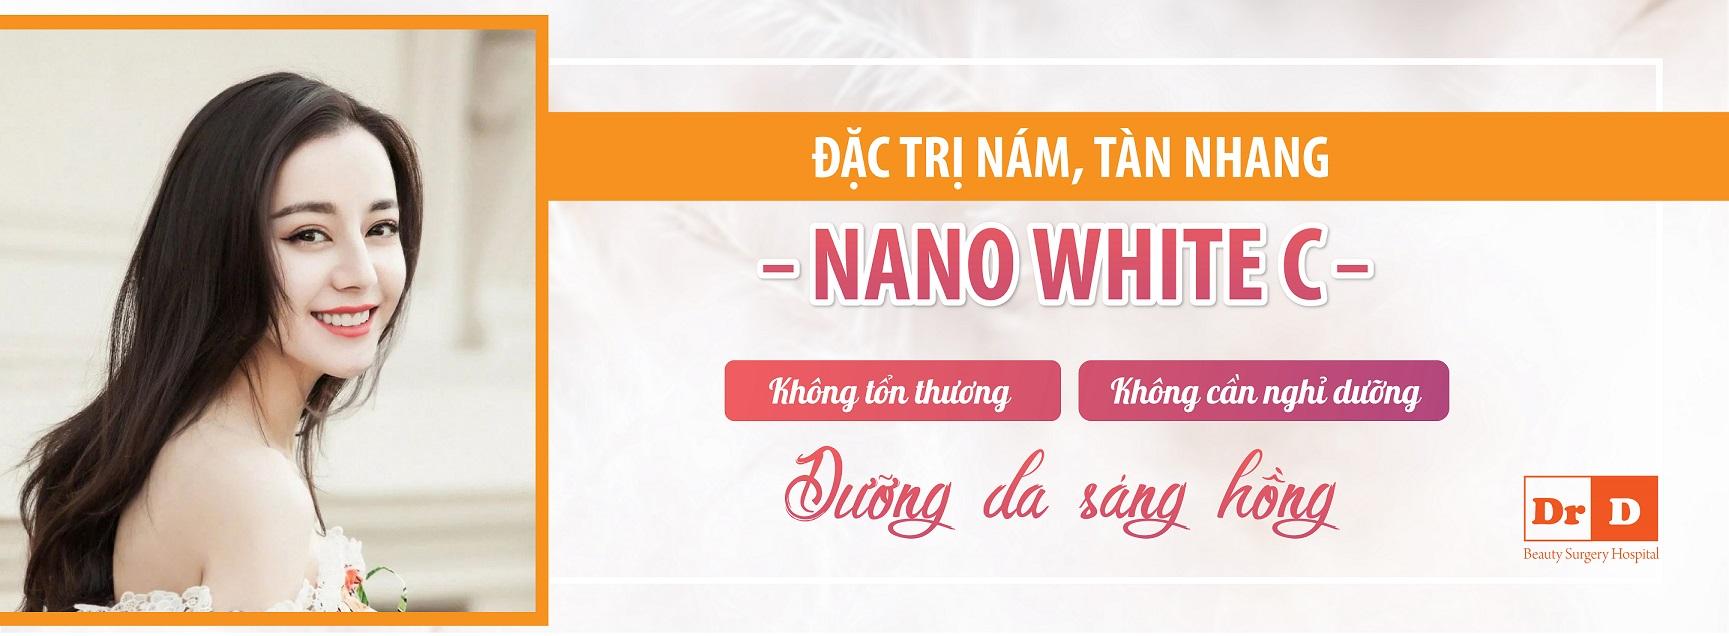 nano-white-c-10